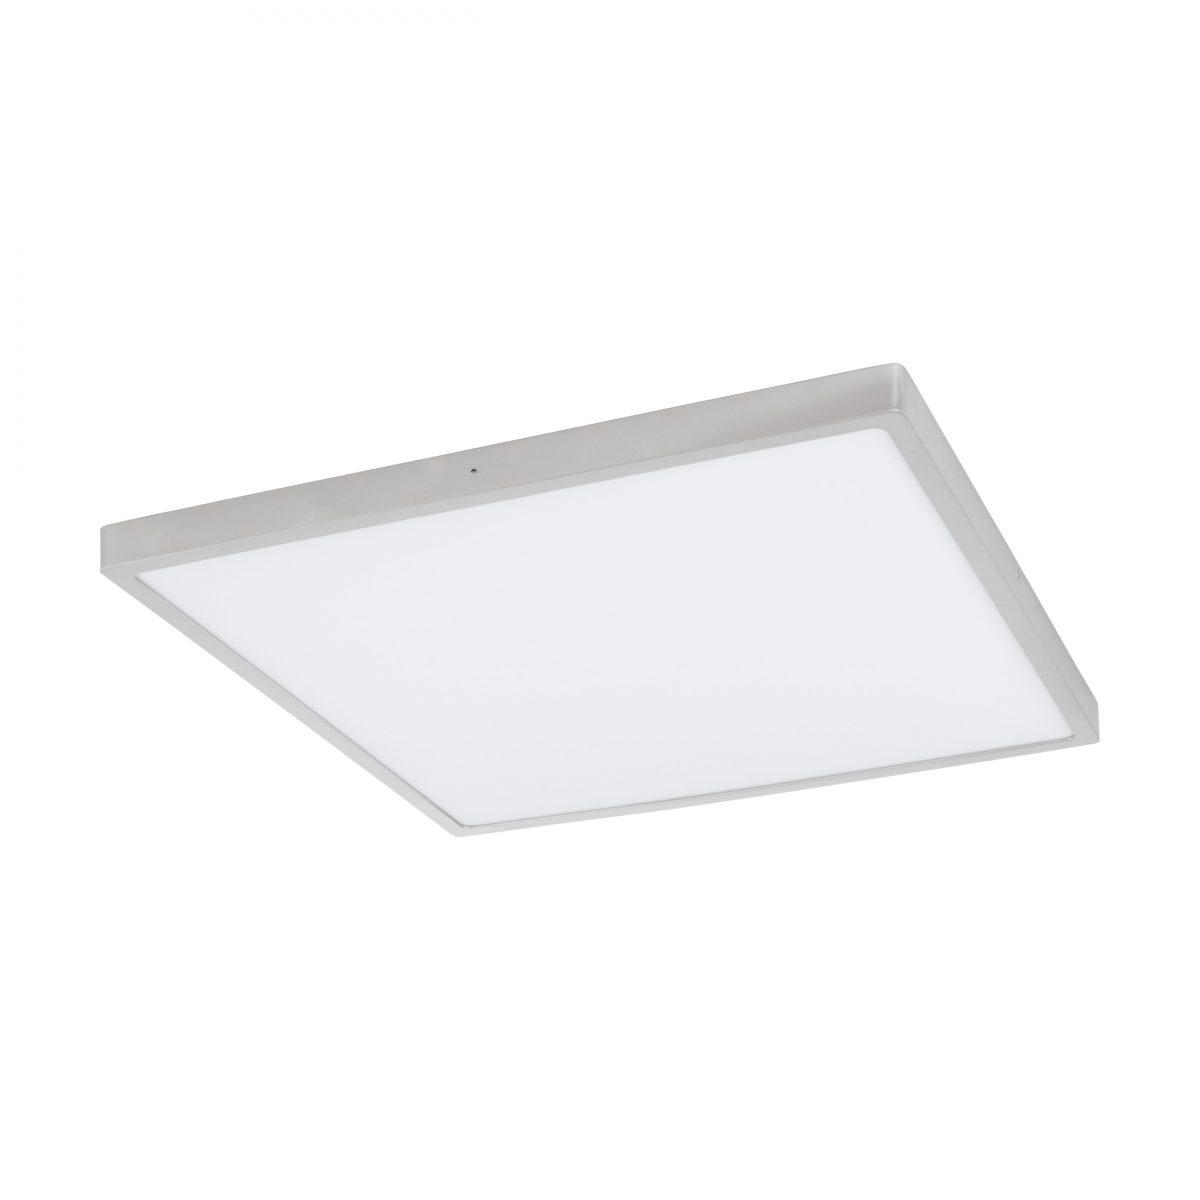 Светильник настенно-потолочный FUEVA 1 EGLO 97553 - Фото №28